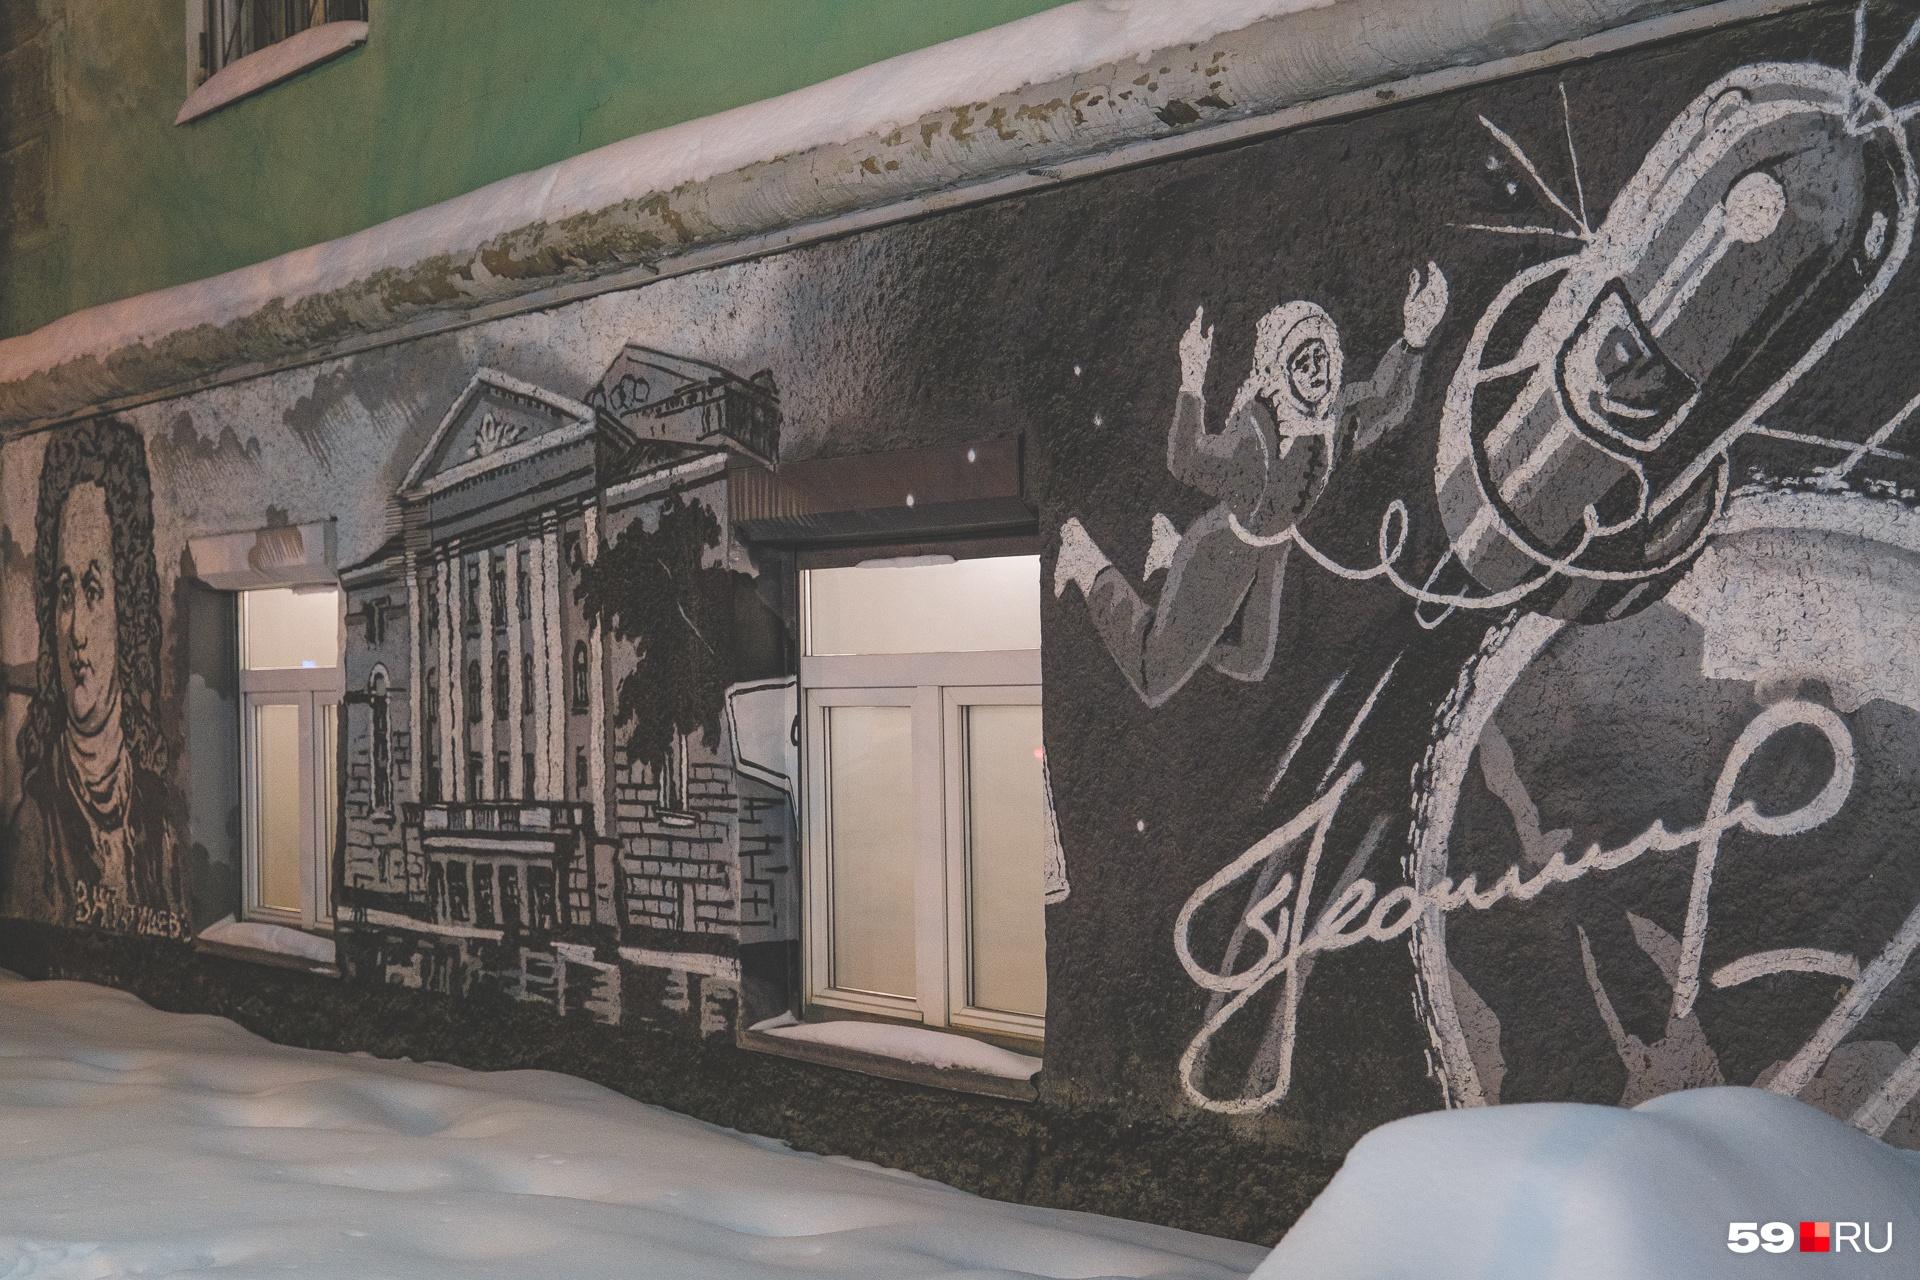 Снаружи бар украшен граффити со знаковыми для Перми людьми — от Татищева до космонавтов, приземлившихся после полета в Прикамье